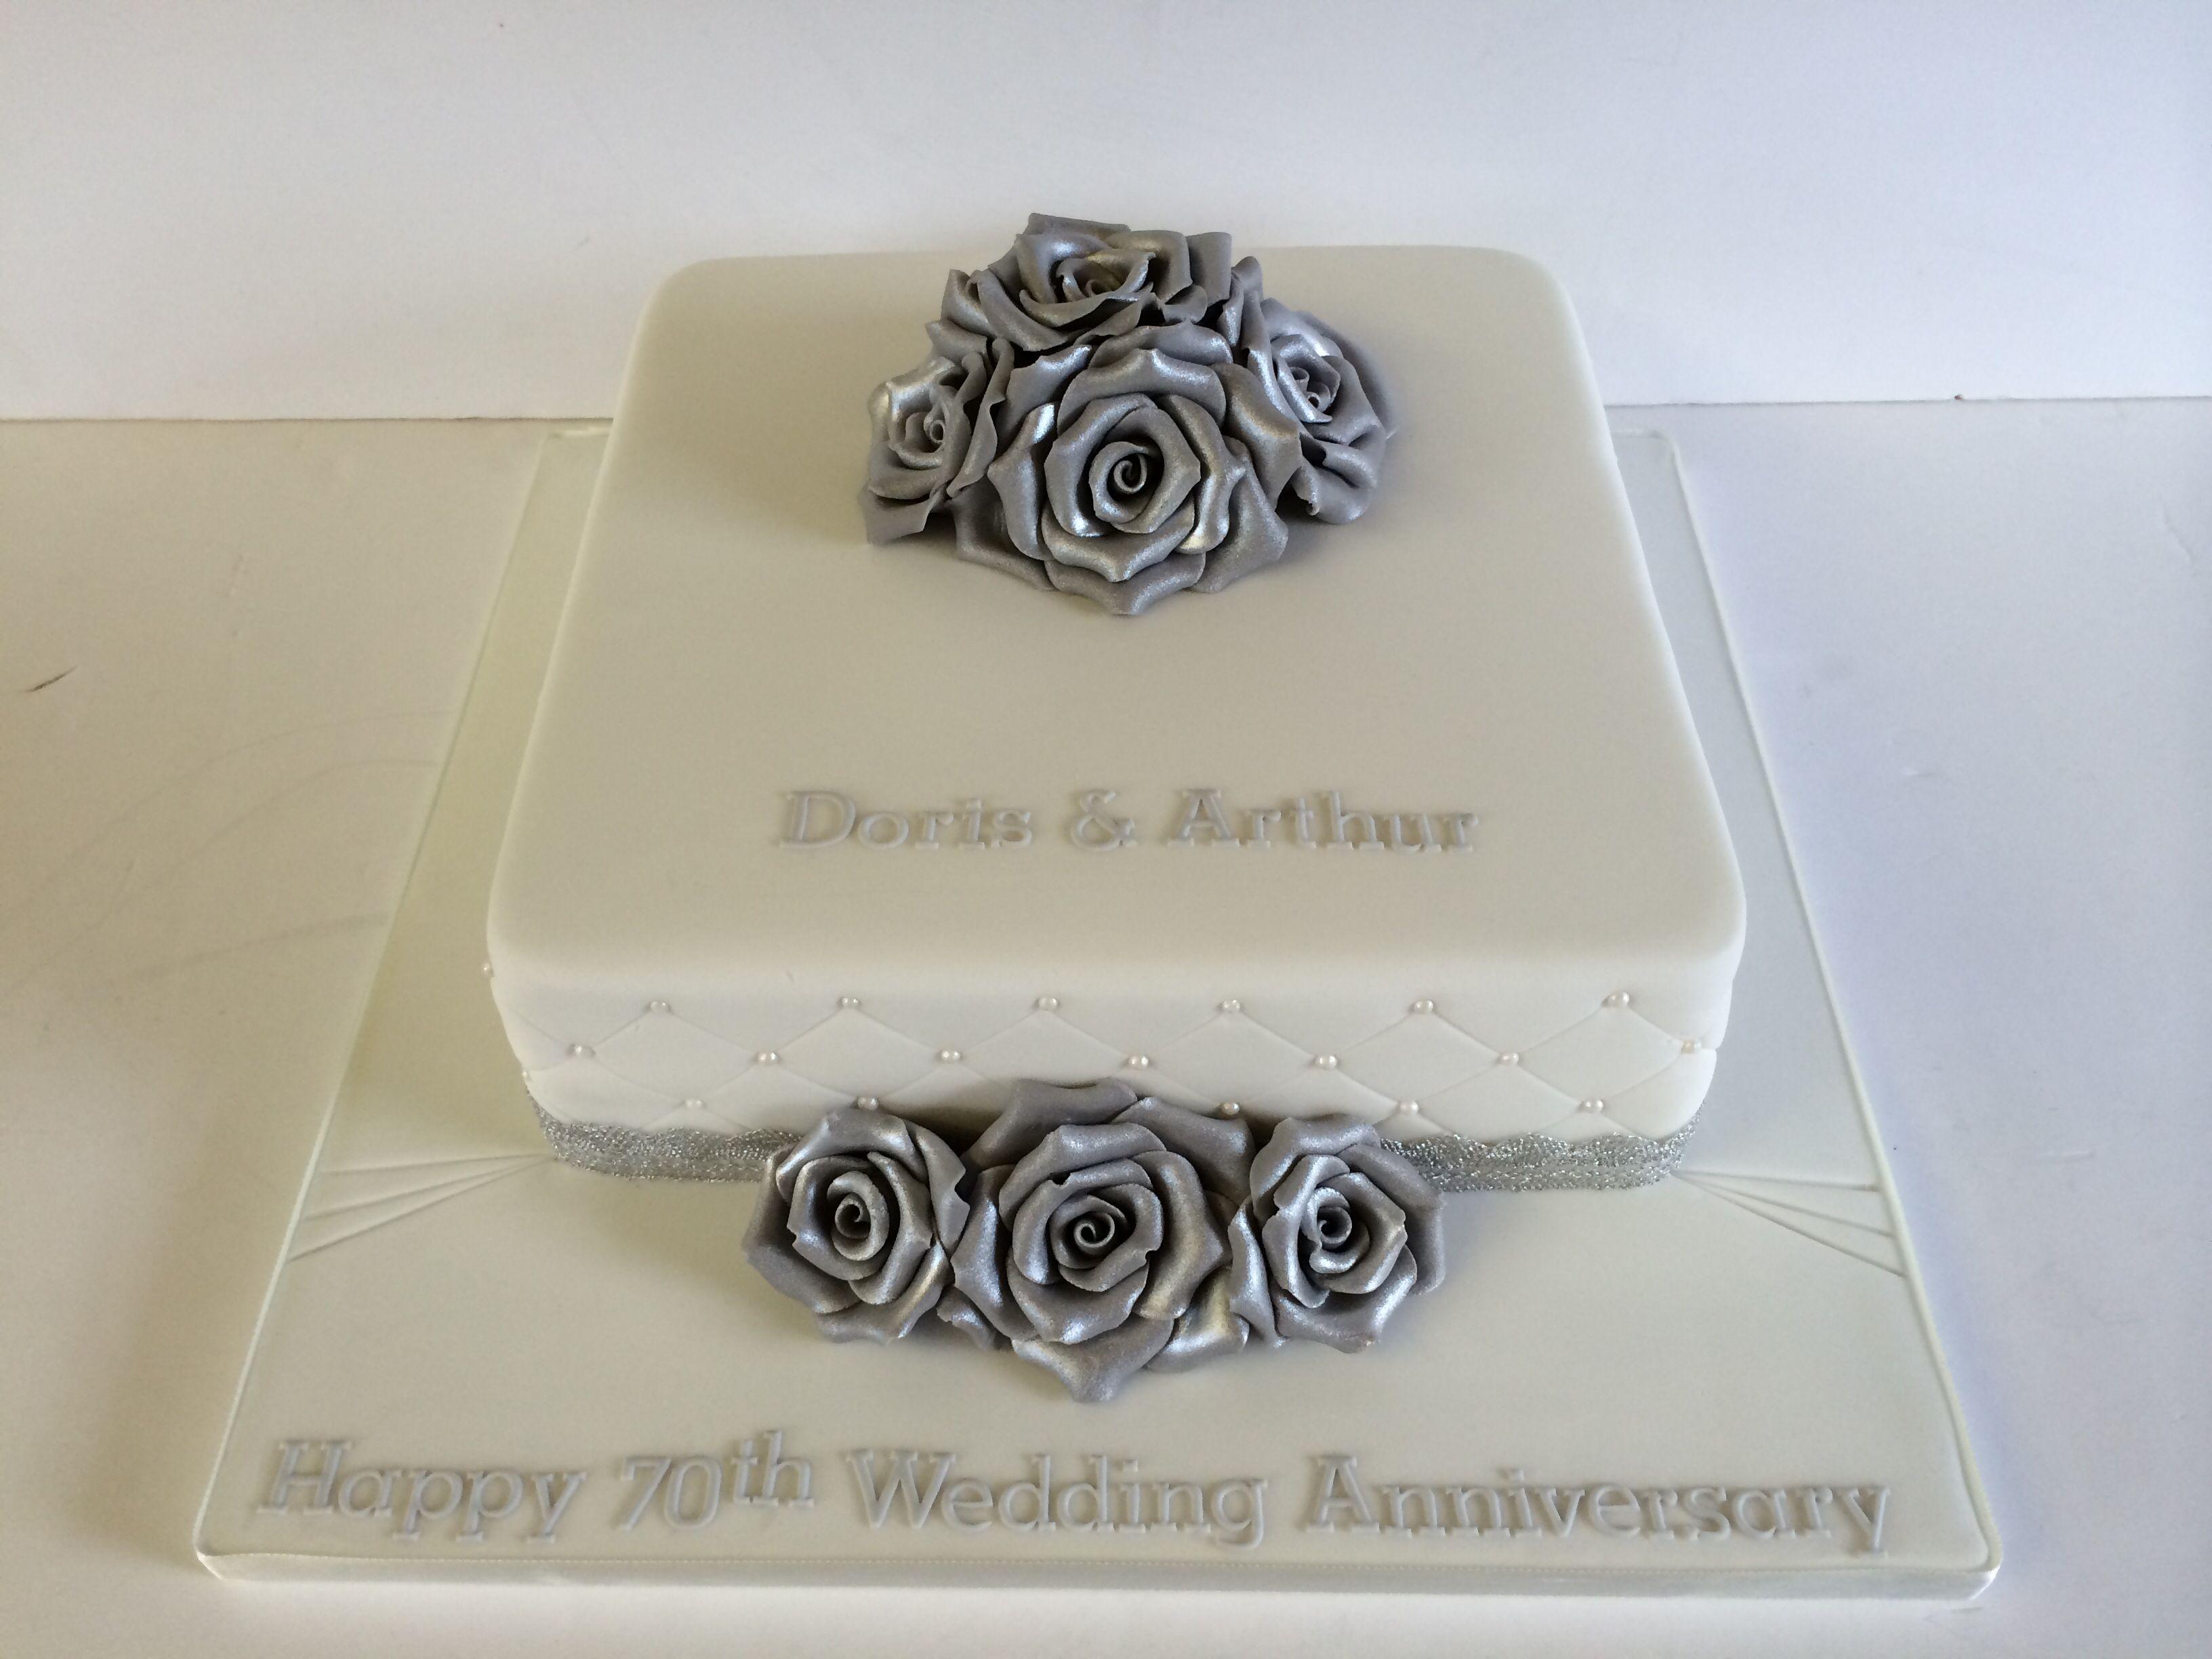 70th Wedding Anniversary.70th Wedding Anniversary Cake Platinum Silver Roses 50th